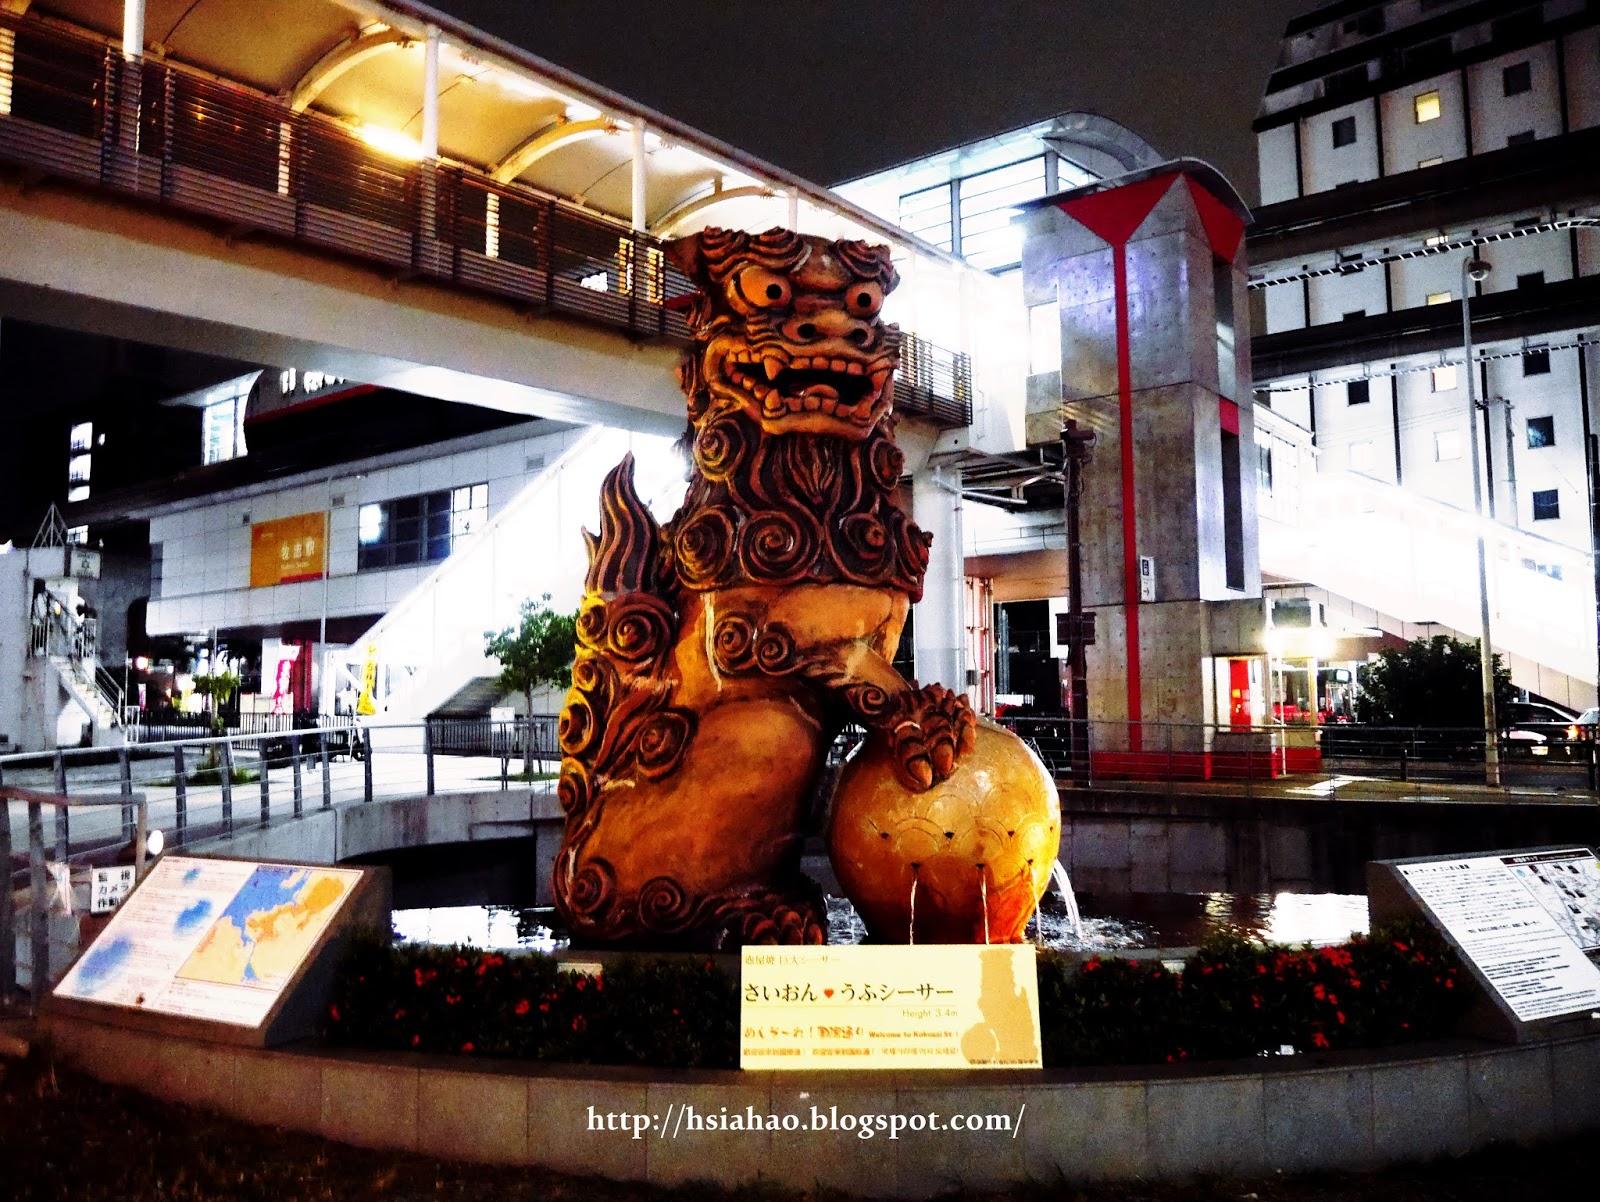 沖繩-國際通-石獅-景點-自由行-Okinawa-Naha-kokusaidori-shisa